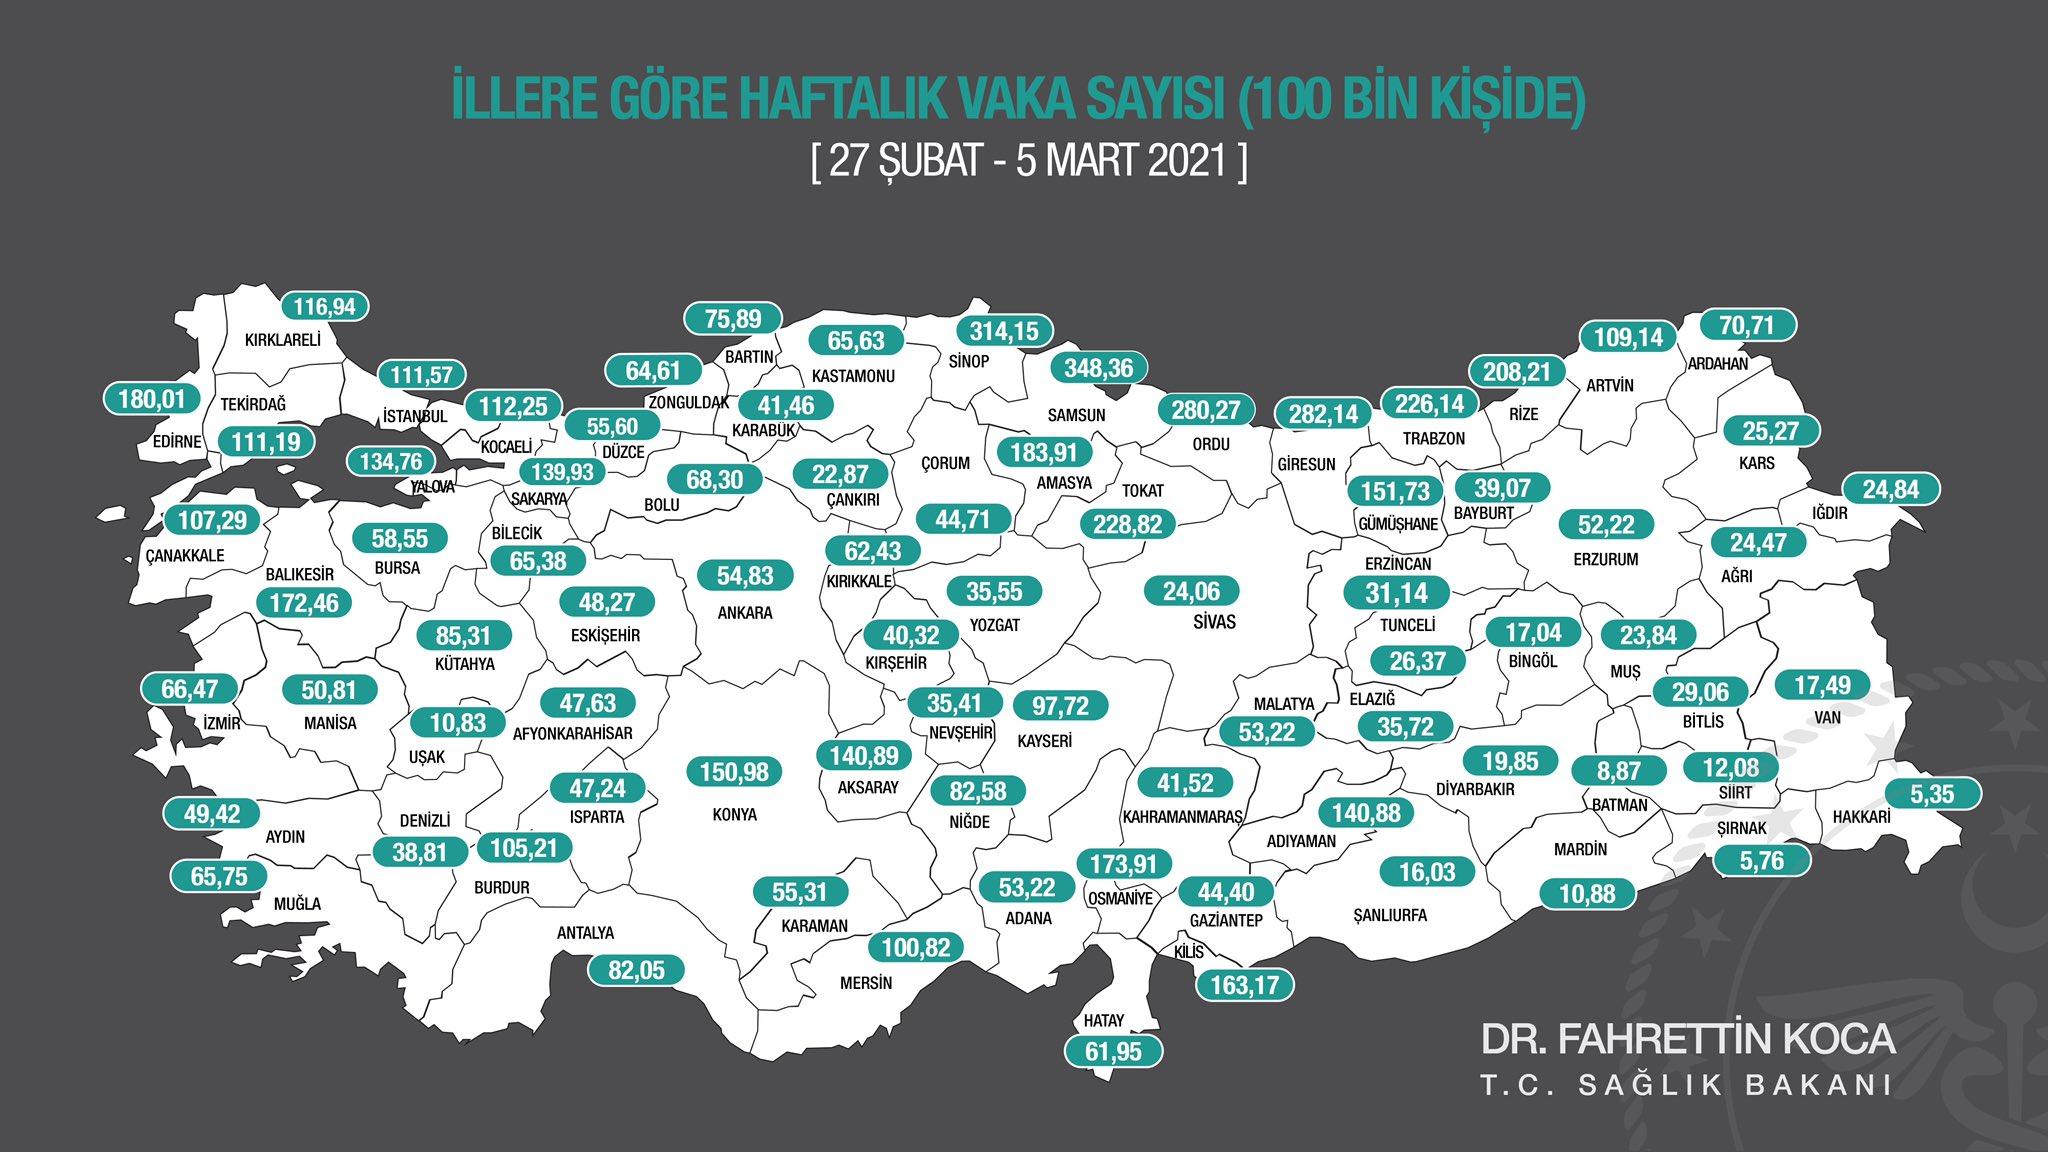 Haftalık Kovid-19 vaka sayıları açıklandı! Konya'da inanılmaz artış